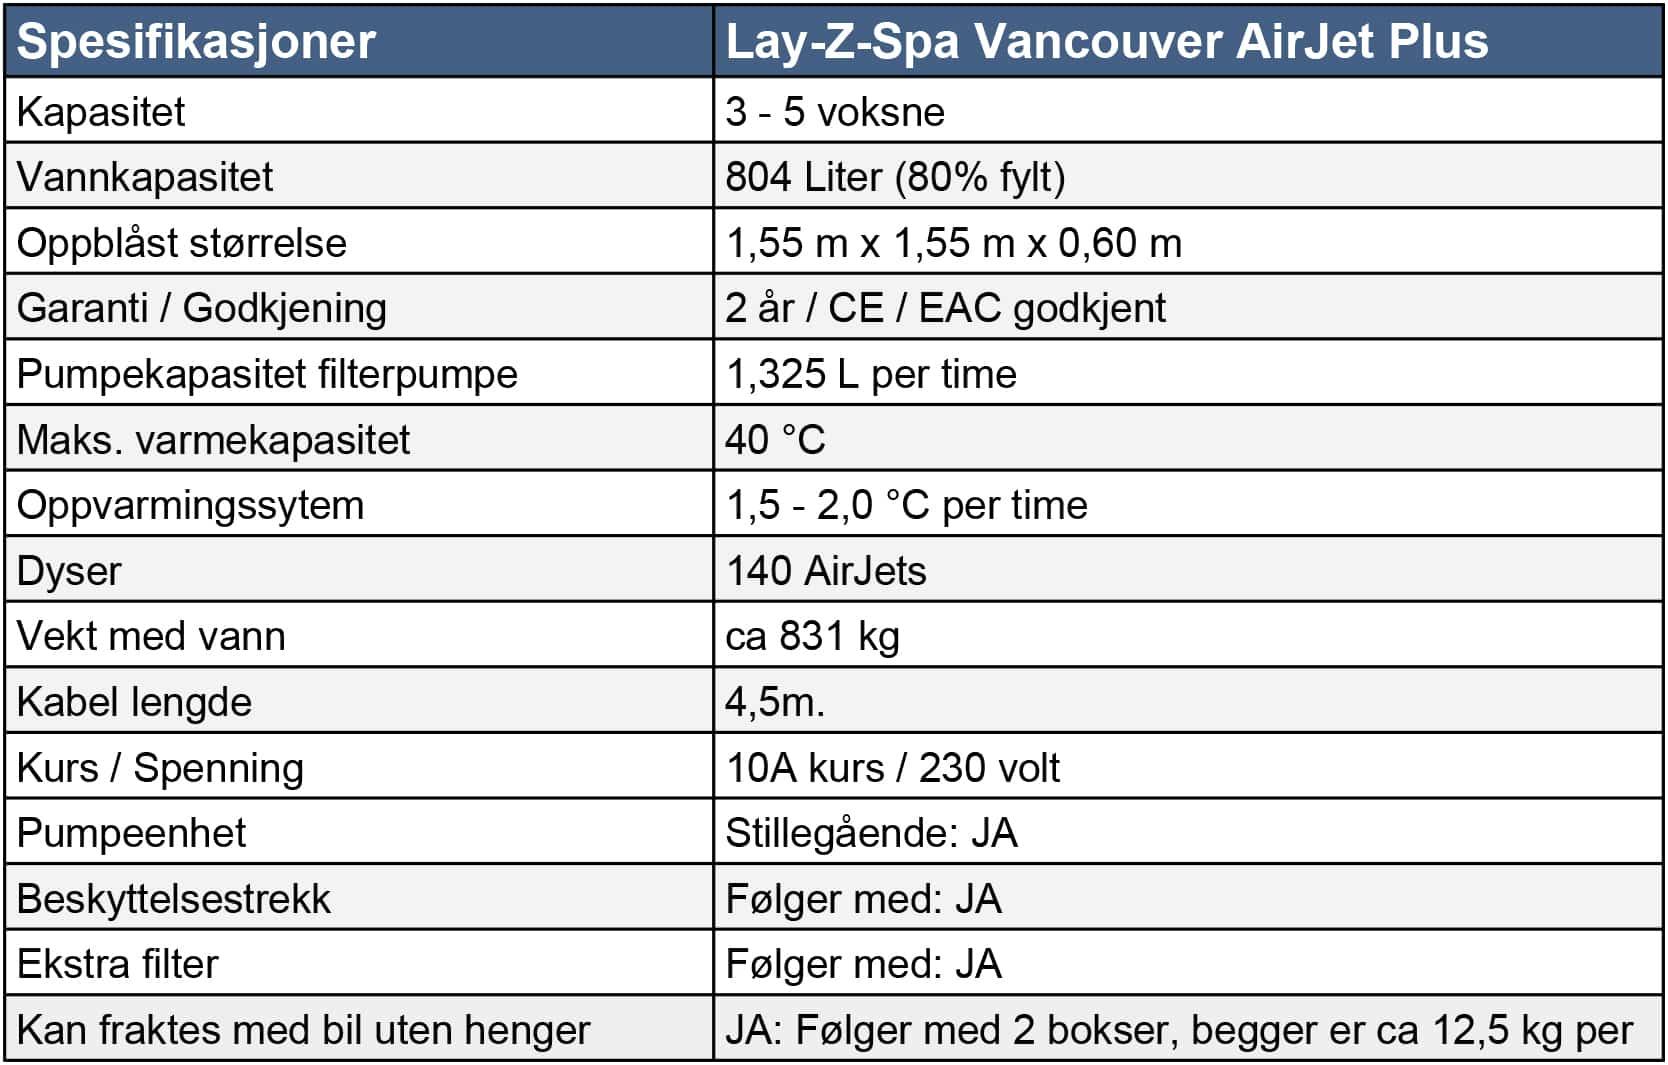 Spesifikasjoner Lay-Z-Spa Vancouver AirJet Plus